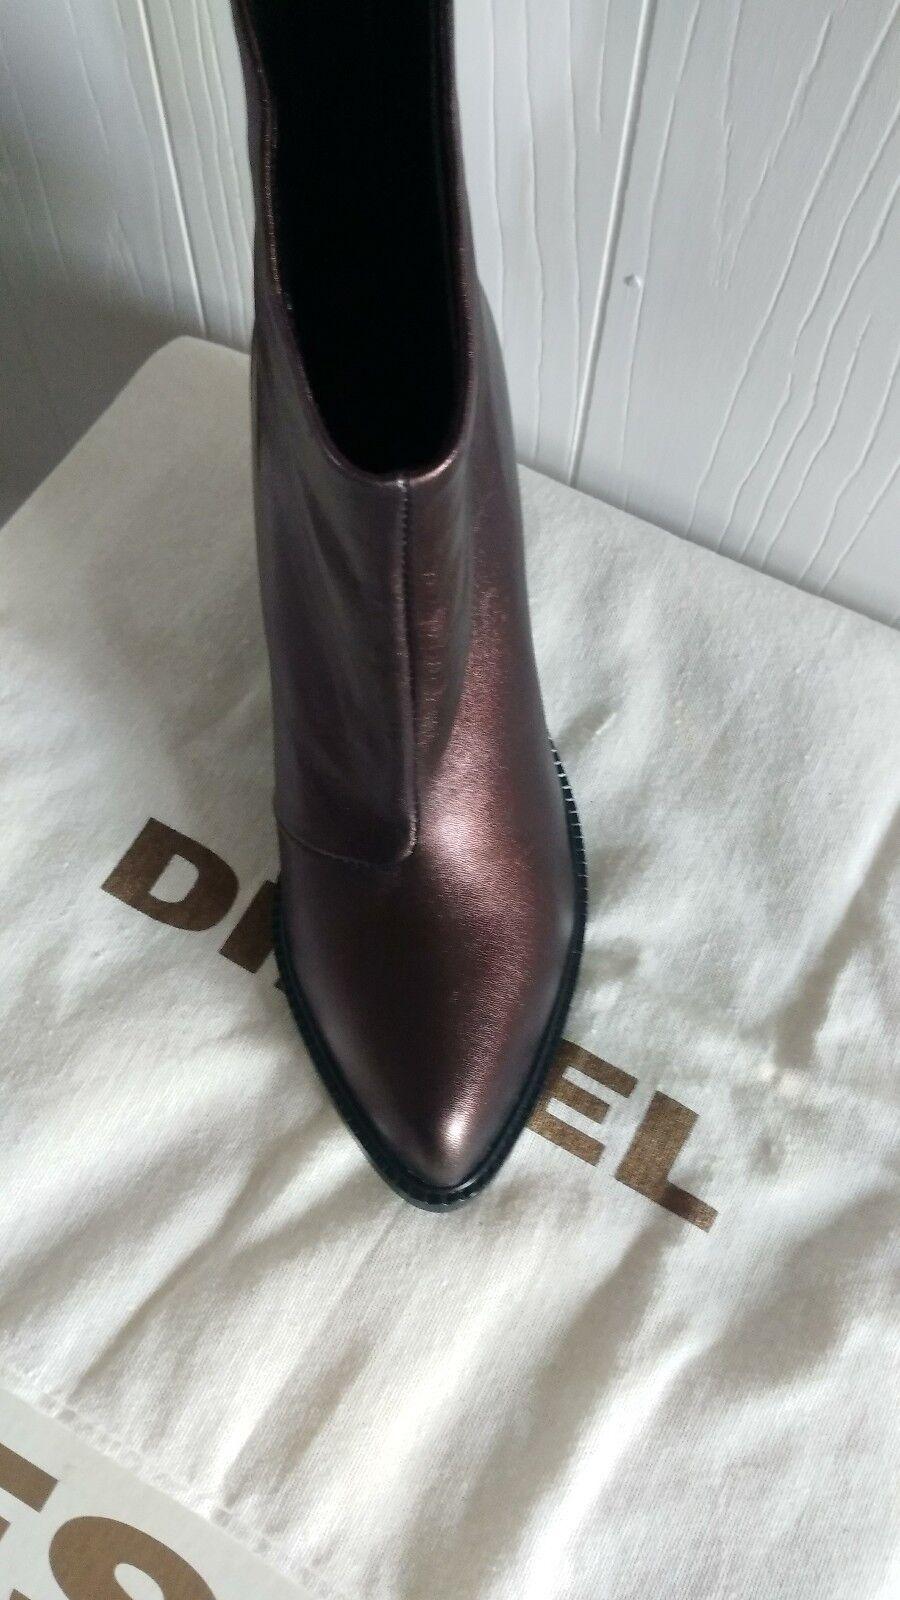 Nuevo Diesel musikalls ozys ozys ozys mujer cuero metálico Tobillo botas Zapatos Talla 37 (7) d273f5